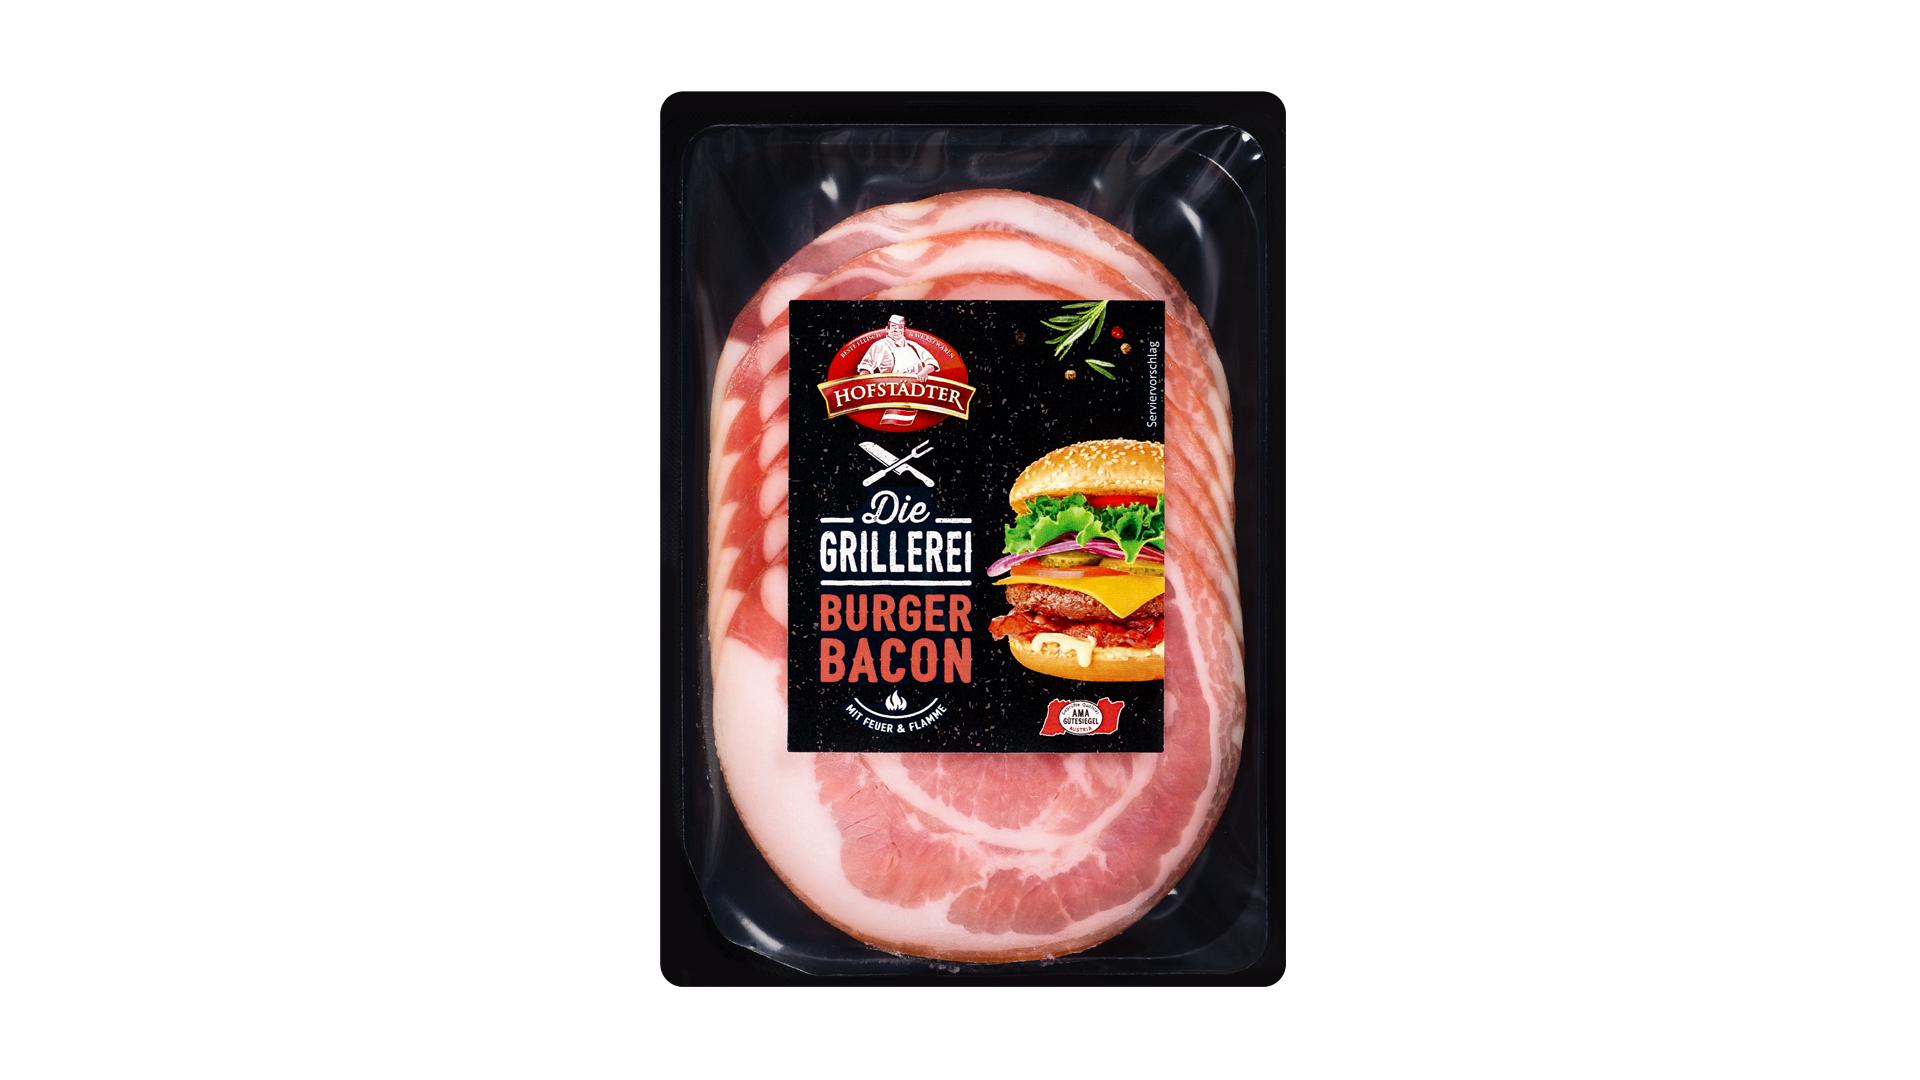 Hofstädter Burger Bacon